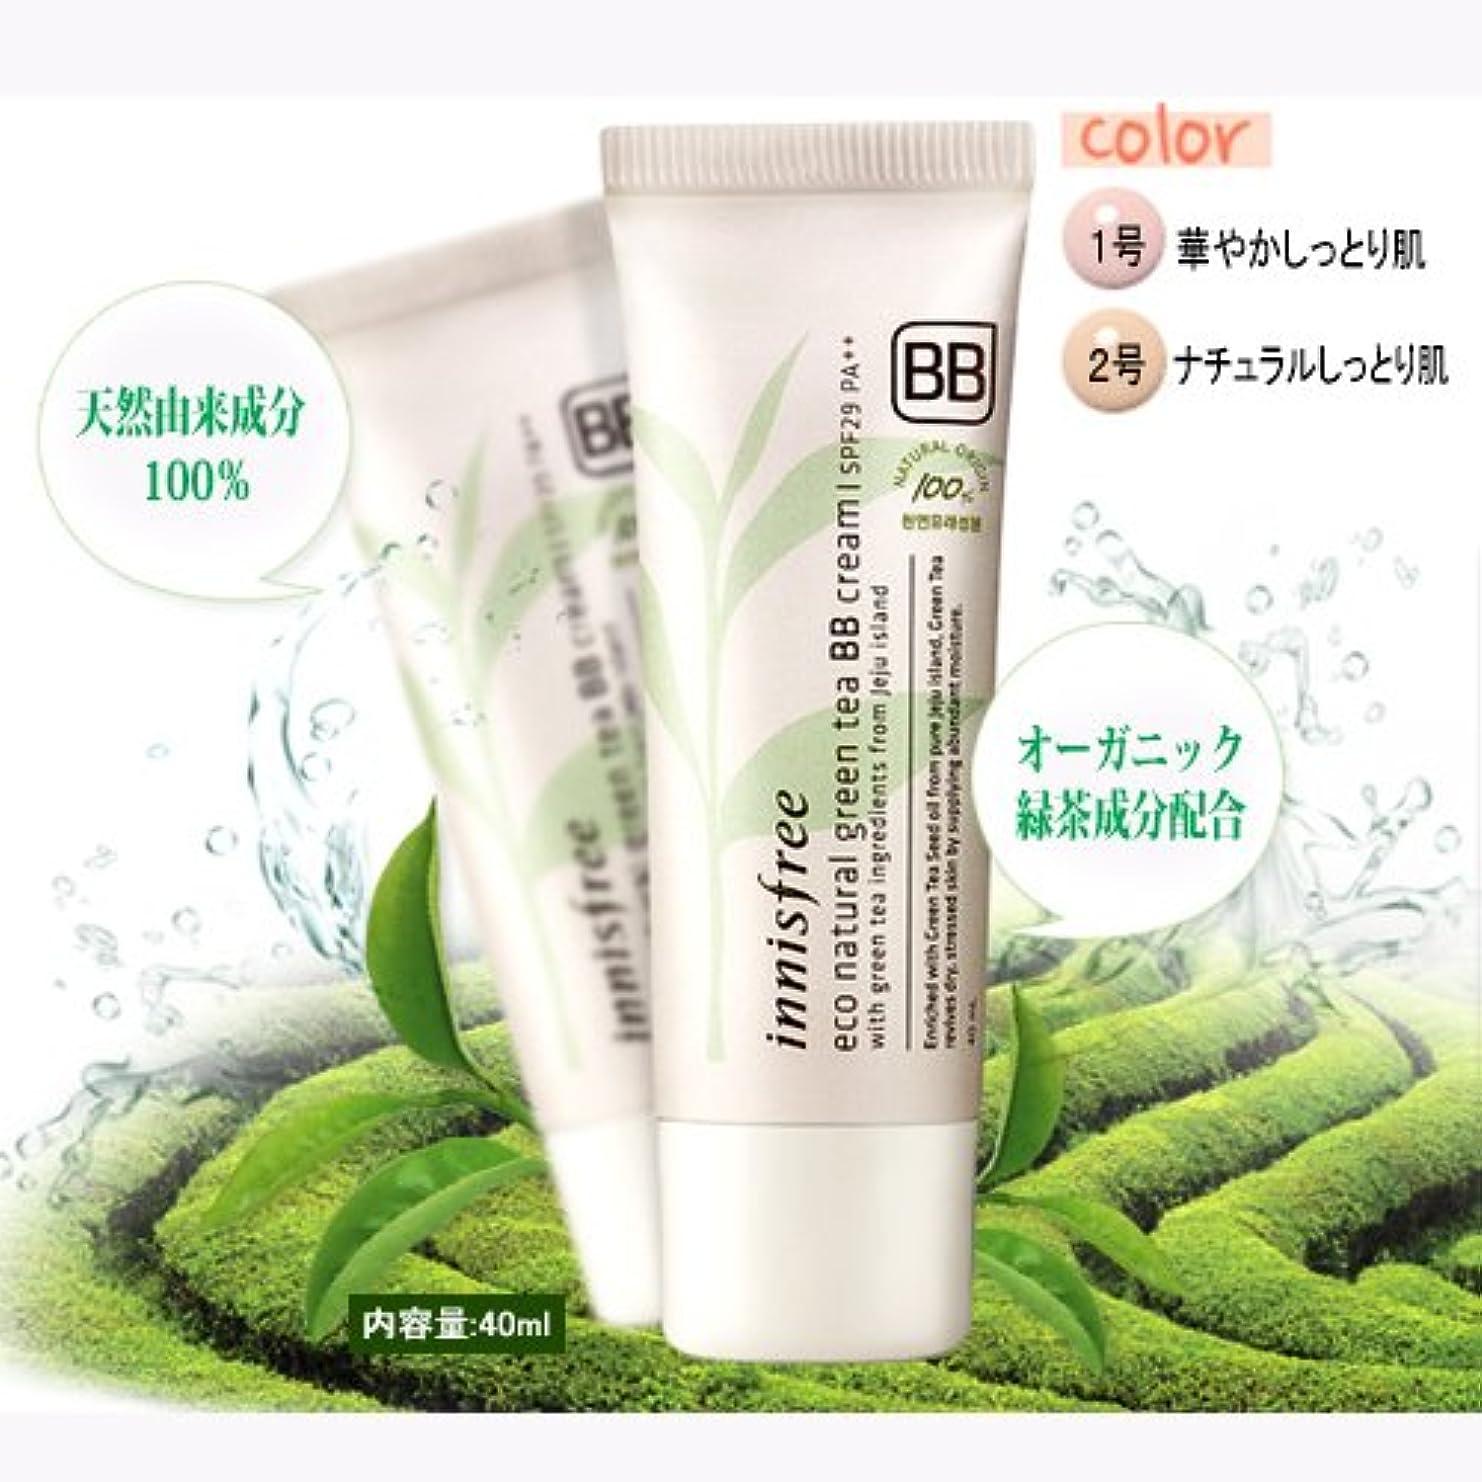 自分本体農場innisfree/イニスフリー Eco Natural Green Tea BB Cream #01 /エコナチュラルグリーンティーBBクリーム 華やかなしっとり肌 SPF29PA++40ml